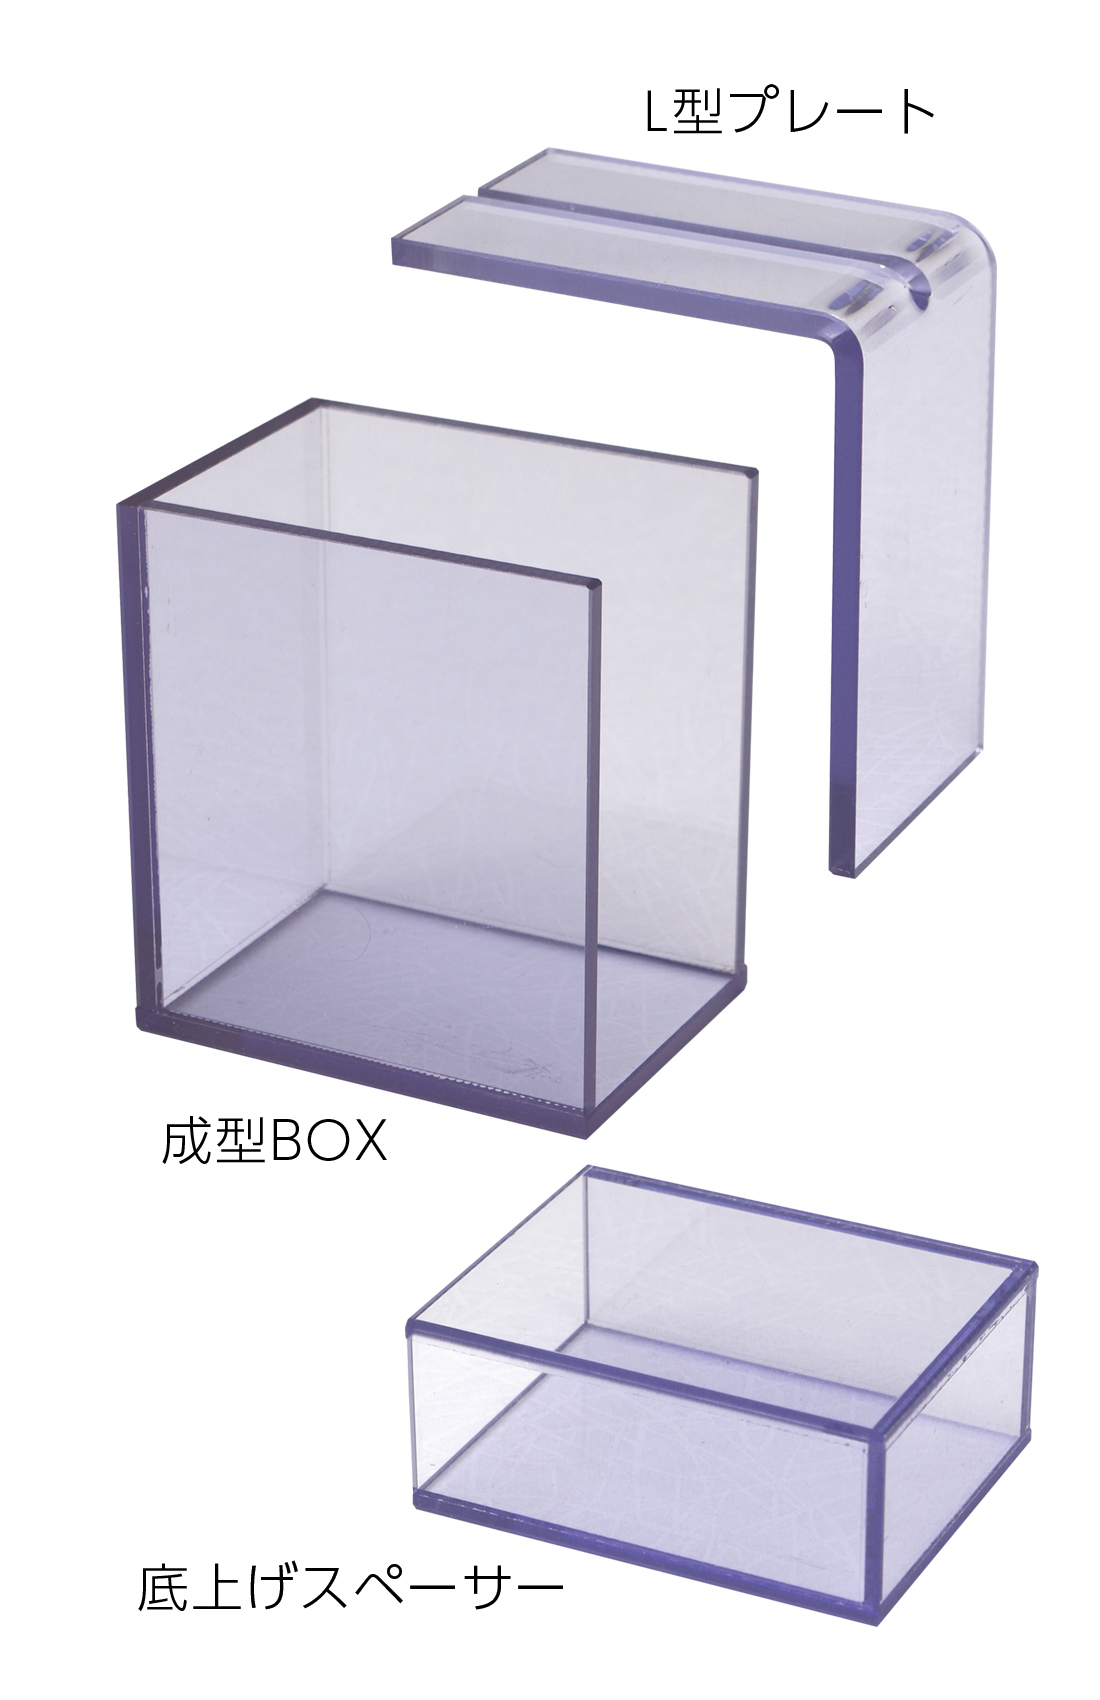 キューブ型成型BOX(3点セット)